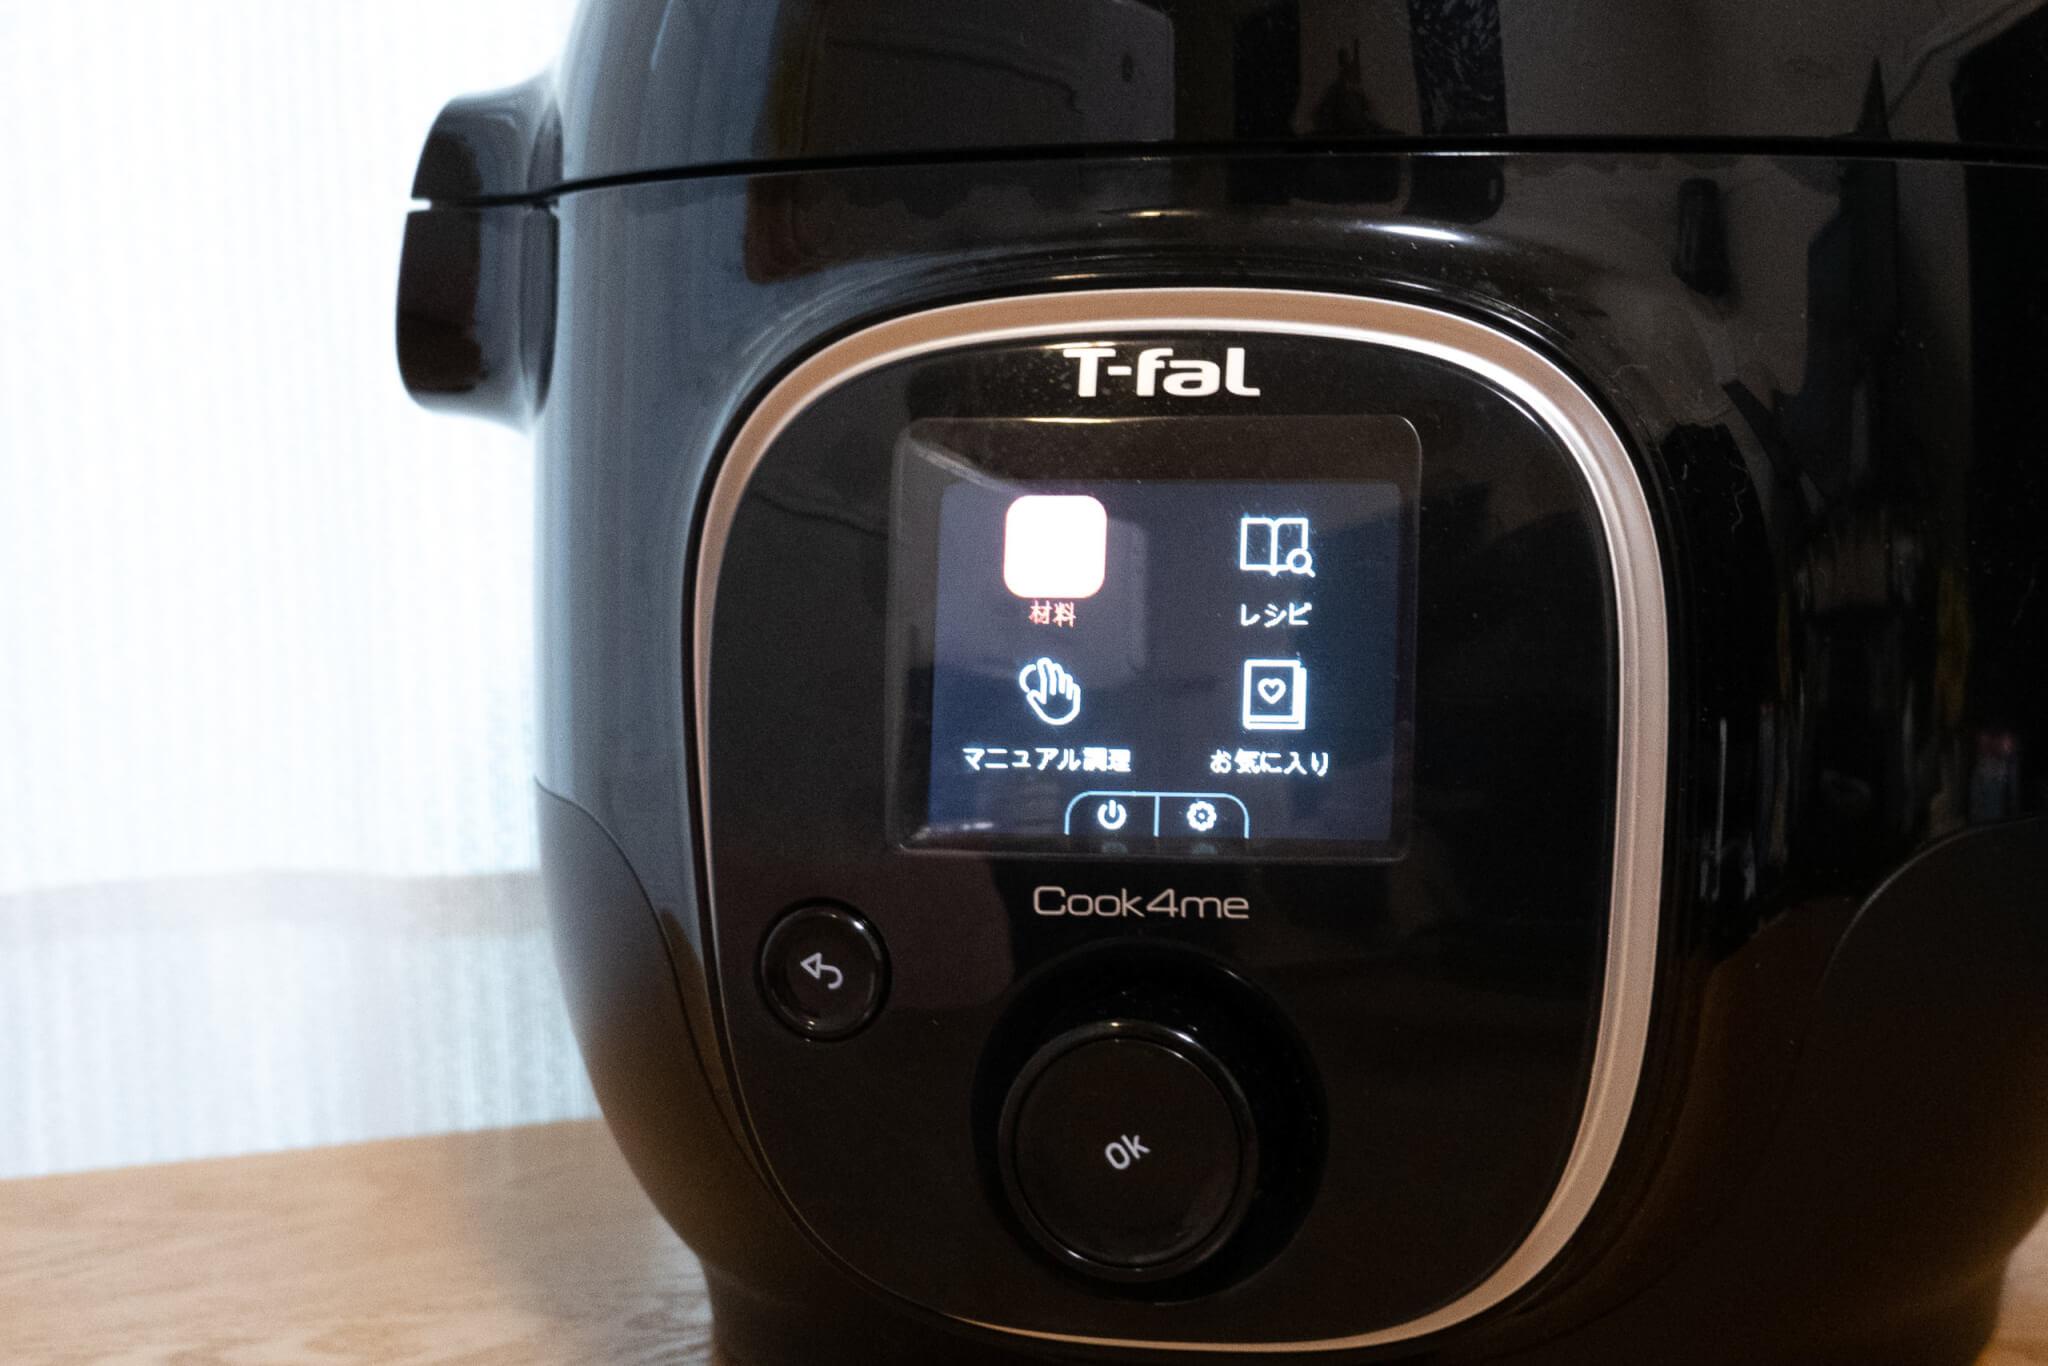 「T-fal クックフォーミー 3L」はレンタルでお試しもできる